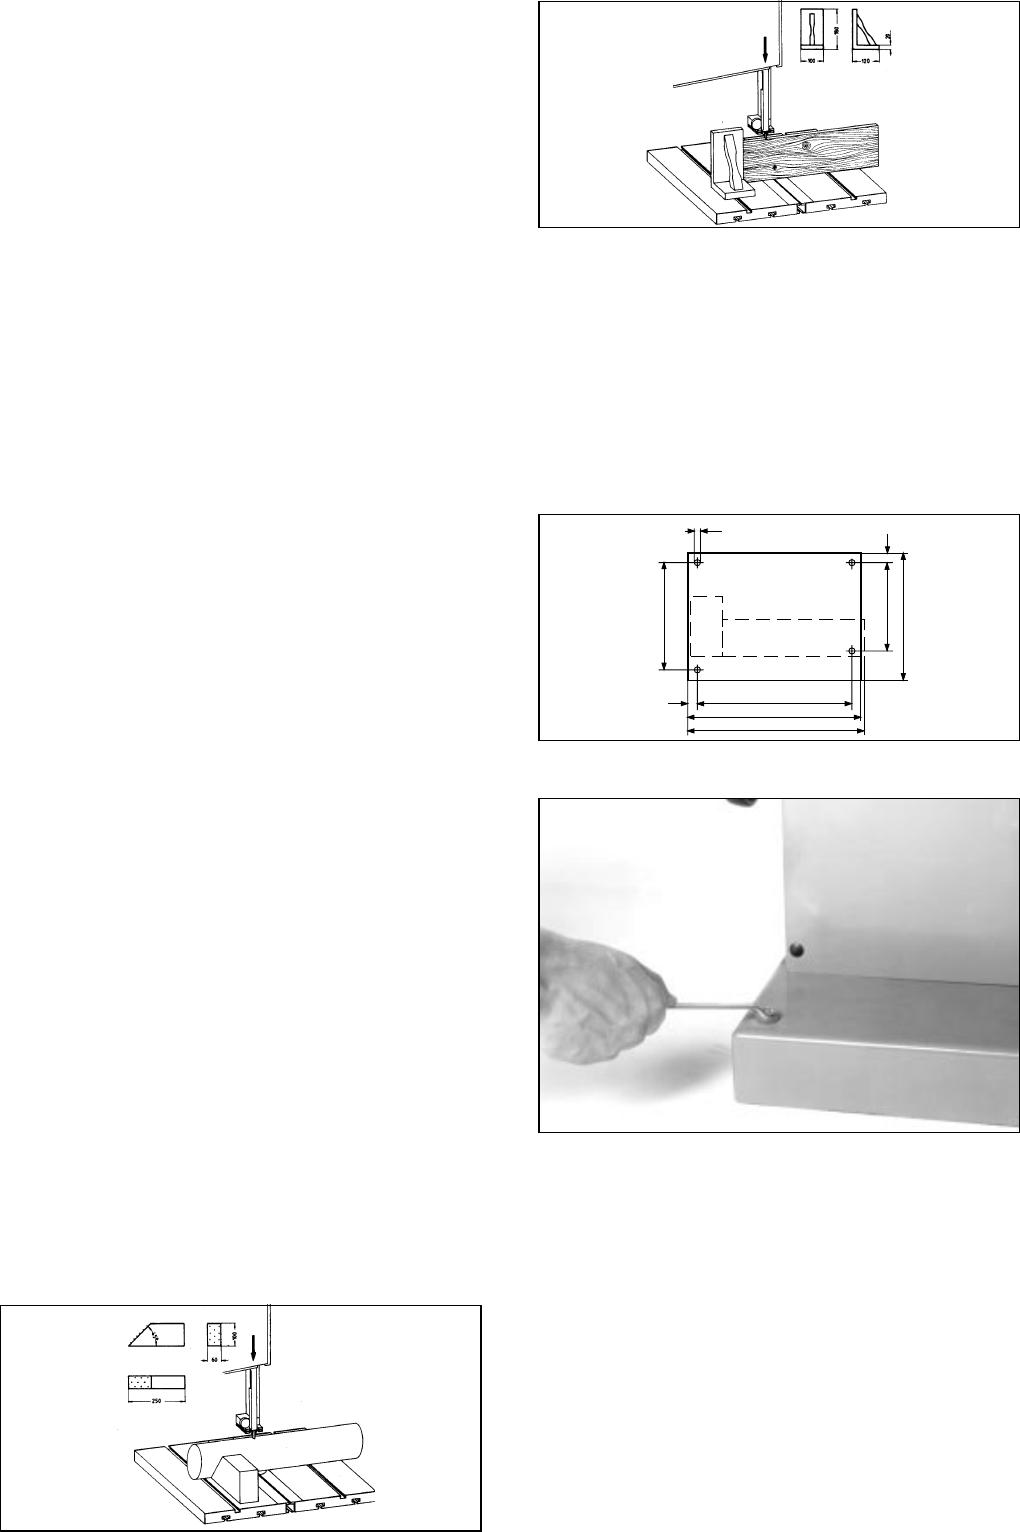 Bedienungsanleitung Metabo Bas 600 Seite 9 Von 38 Deutsch Wiring Diagram 2 Band Saw Installation